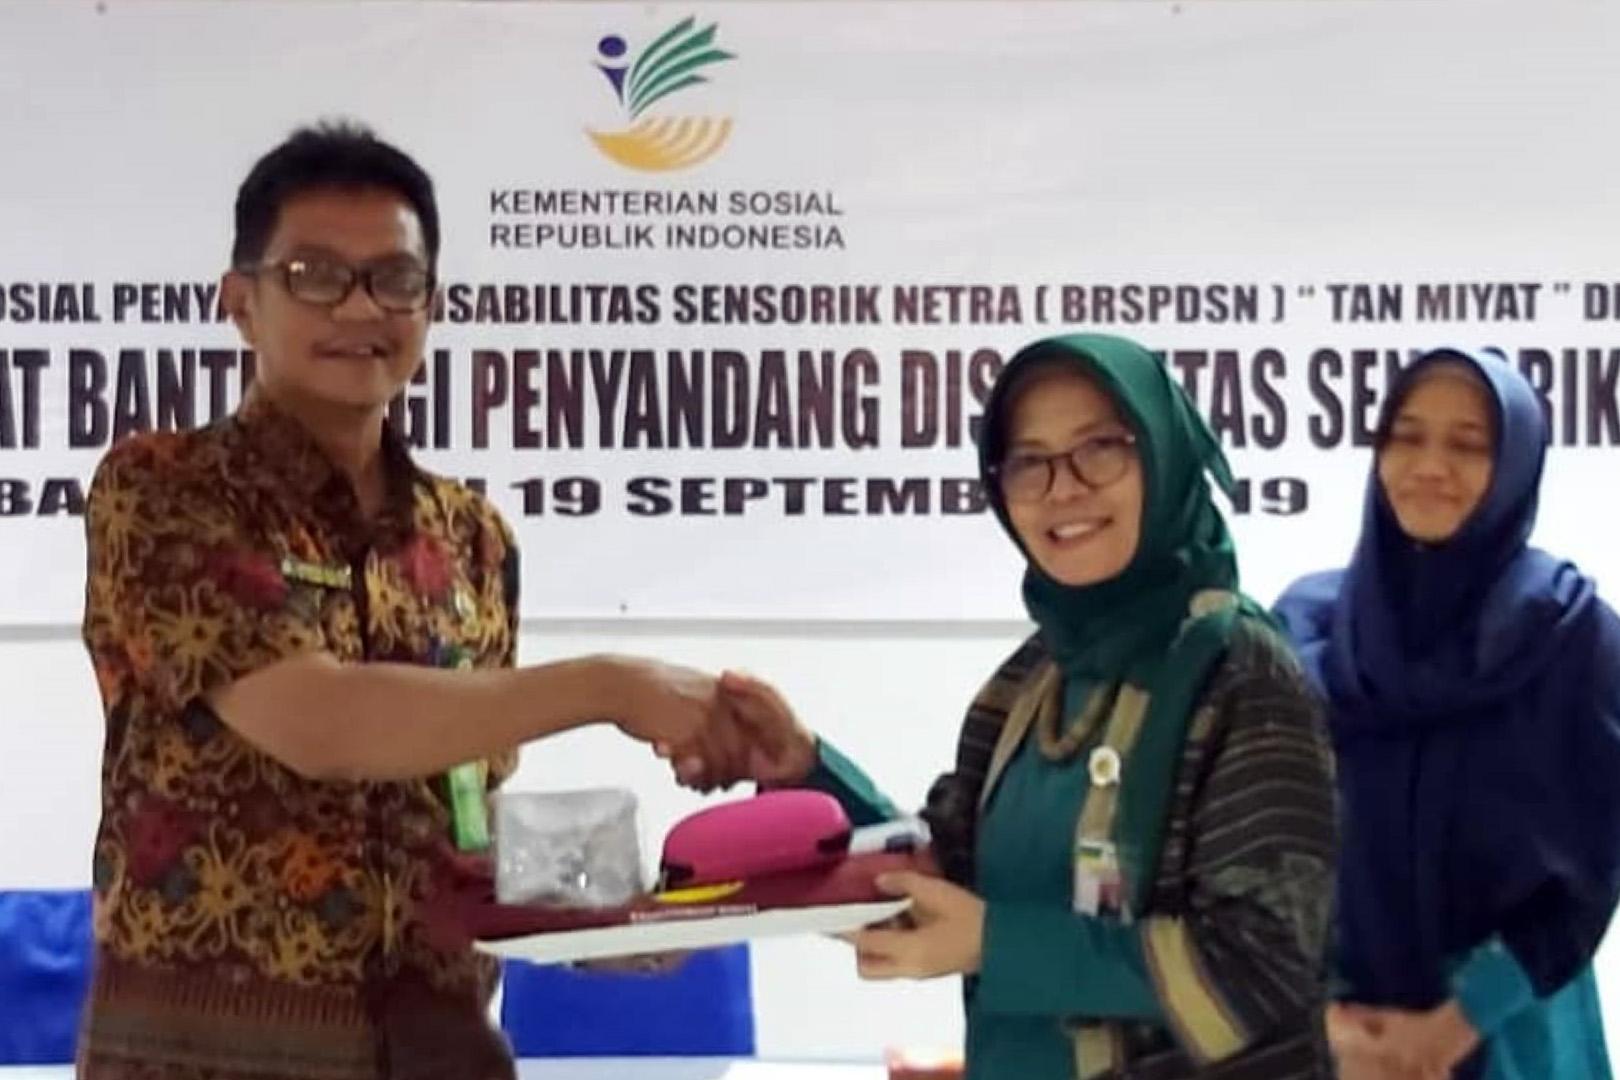 """BRSPDSN """"Tan Miyat"""" Serahkan 75 Paket Bantuan PDSN"""